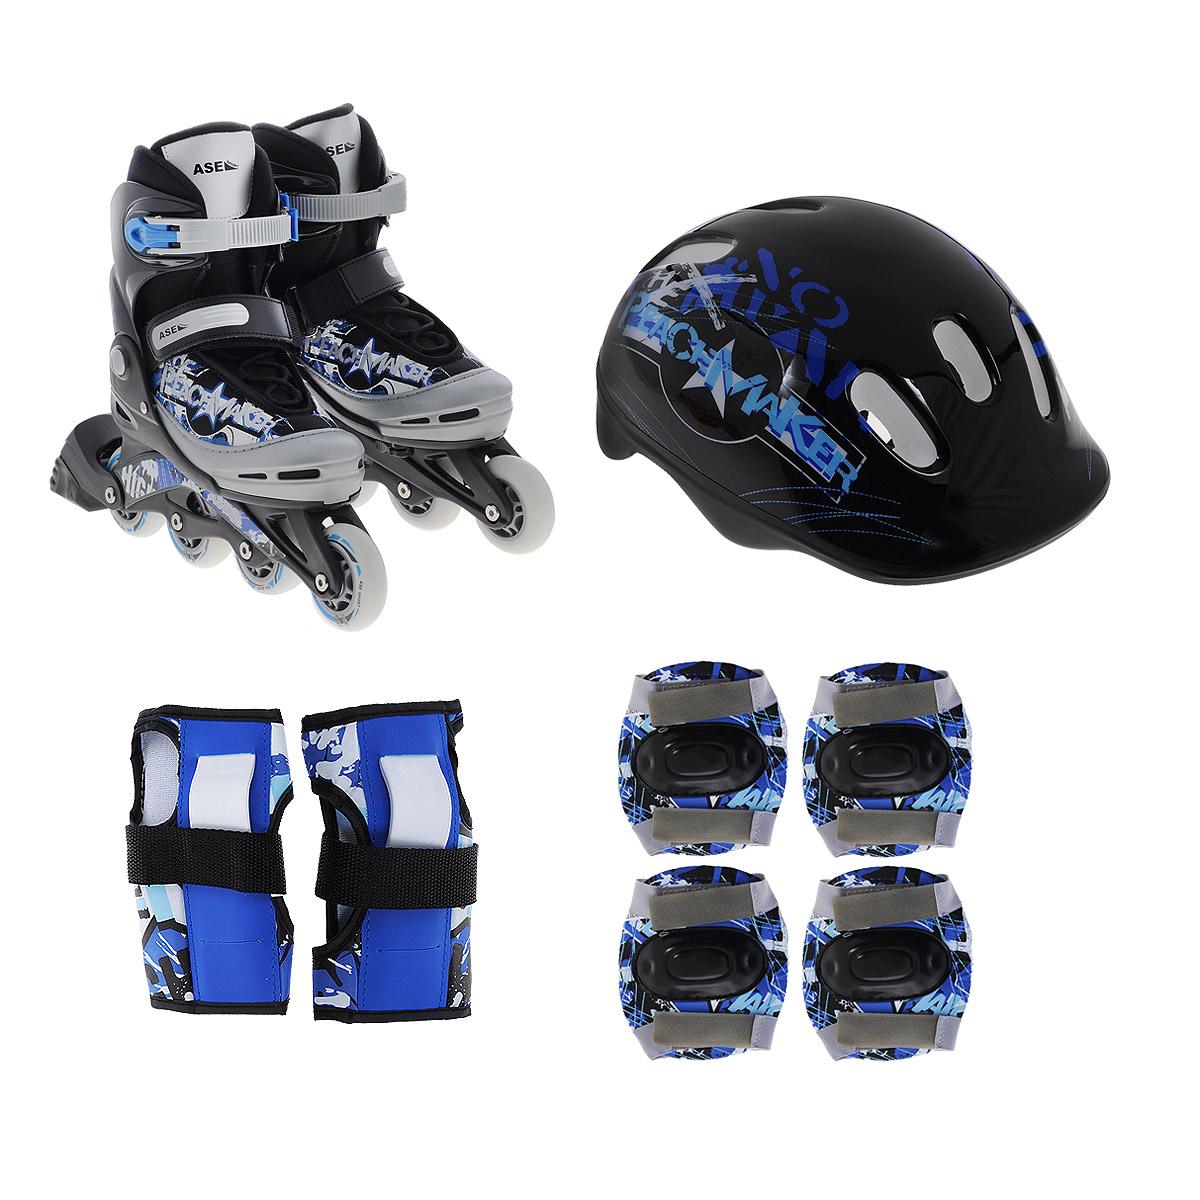 Комплект Ase-Sport Combo: коньки роликовые, шлем, защита, цвет: синий. ASE-617M. Размер XS (26/29)COMBO ASE-617MКомплектуются роликовыми коньками ASE-617.Конструкция: верх сапожка изготовлен из современного синтетического материала, стойкого к внешним воздействиям. Внутри сапожка отделка сделана из синтетического материала с мягкой подкладкой в боковых частях для более удобной и надежной фиксации ноги во время катания. Застежка типа AUTO LOCK удобно регулируется на нужный размер. Система изменения размера корпуса проста в использовании, позволяет быстро и комфортно подогнать сапожок под ногу. ыКорпус роликов изготовлен из прочного пластика, стойкого к механическим нагрузкам и внешним воздействиям окружающей среды. Интегрированная в корпус рама (единая конструкция) дает дополнительную прочность корпусу, исключая риск поломки при механических нагрузках, а также эффективно гасит вибрацию во время катания. Стельки сделаны из специального вспененного материала, который удобно повторяет анатомическое строение стопы ноги и дополнительно поглощает вибрацию. Шнуровка коньков: матерчатые петли в сочетании с широким язычком, и шнурки из полиэстера с синтетическими волокнами для более прочной фиксации ноги.Ролики комплектуются тормозом, колесами класса жесткости 82А. Диаметр колес 70 мм, точность подшипников ABEC-5. В комплект входят: ролики, защитный шлем, роликовая защита рук, ног и локтей, а также удобная и прочная сумка для переноски и хранения.